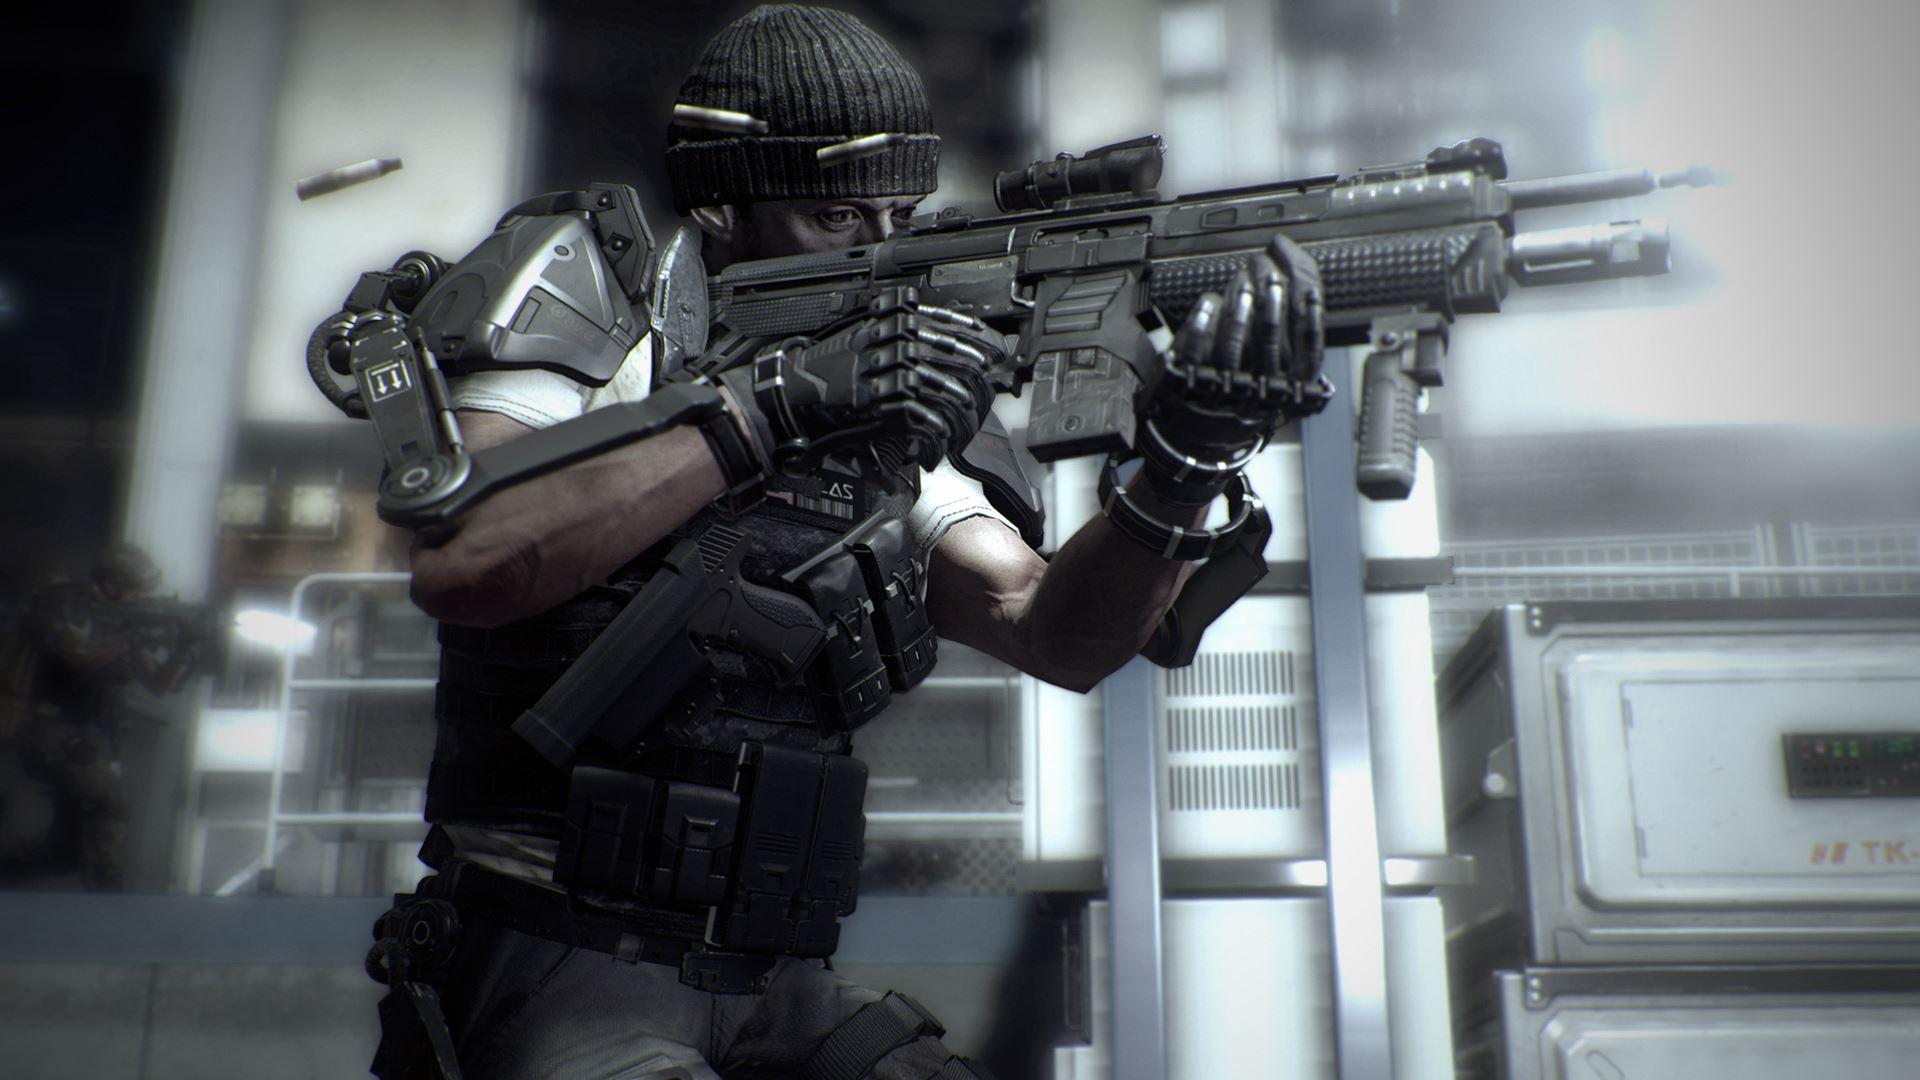 M160/Attachments